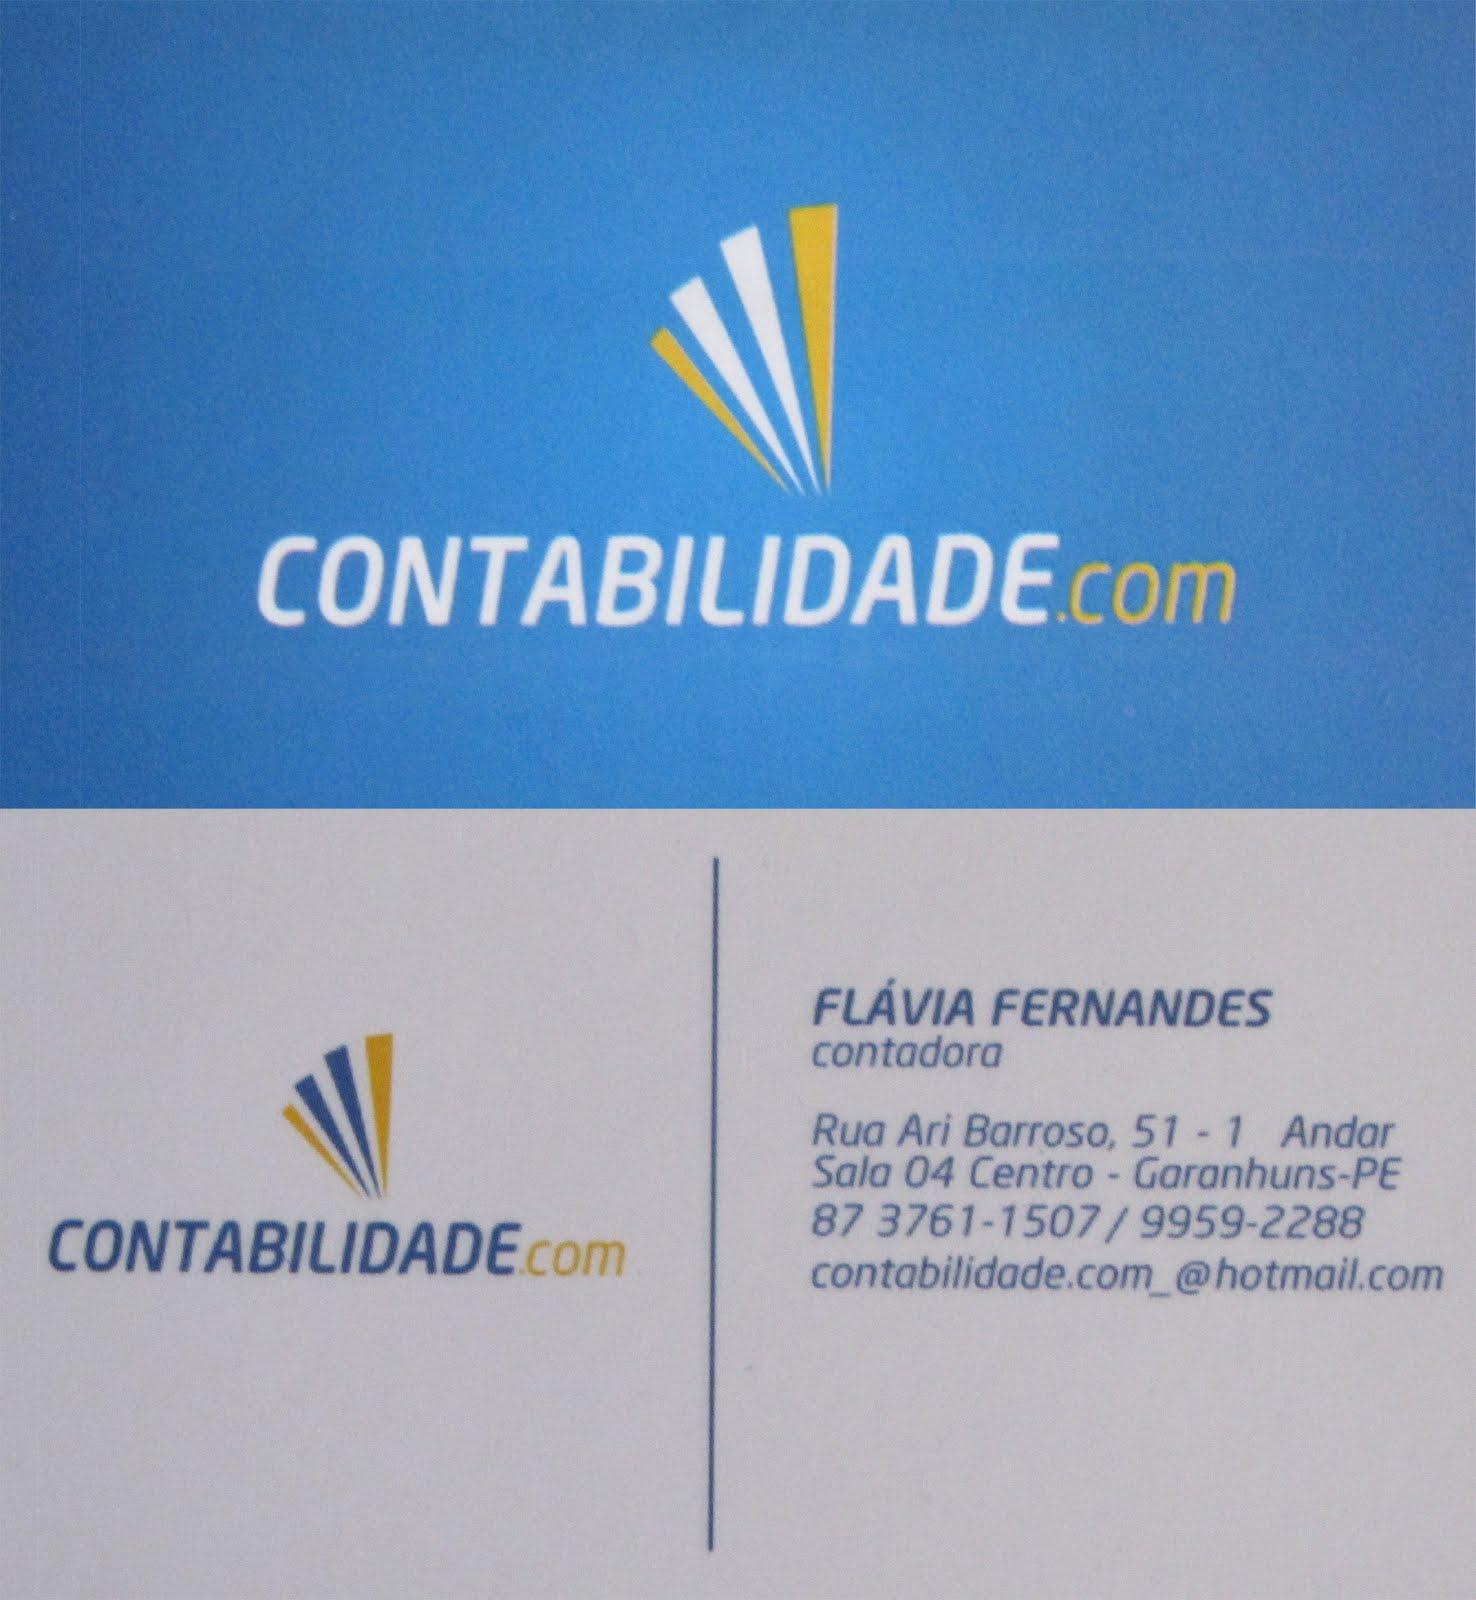 CONTABILIDADE.COM